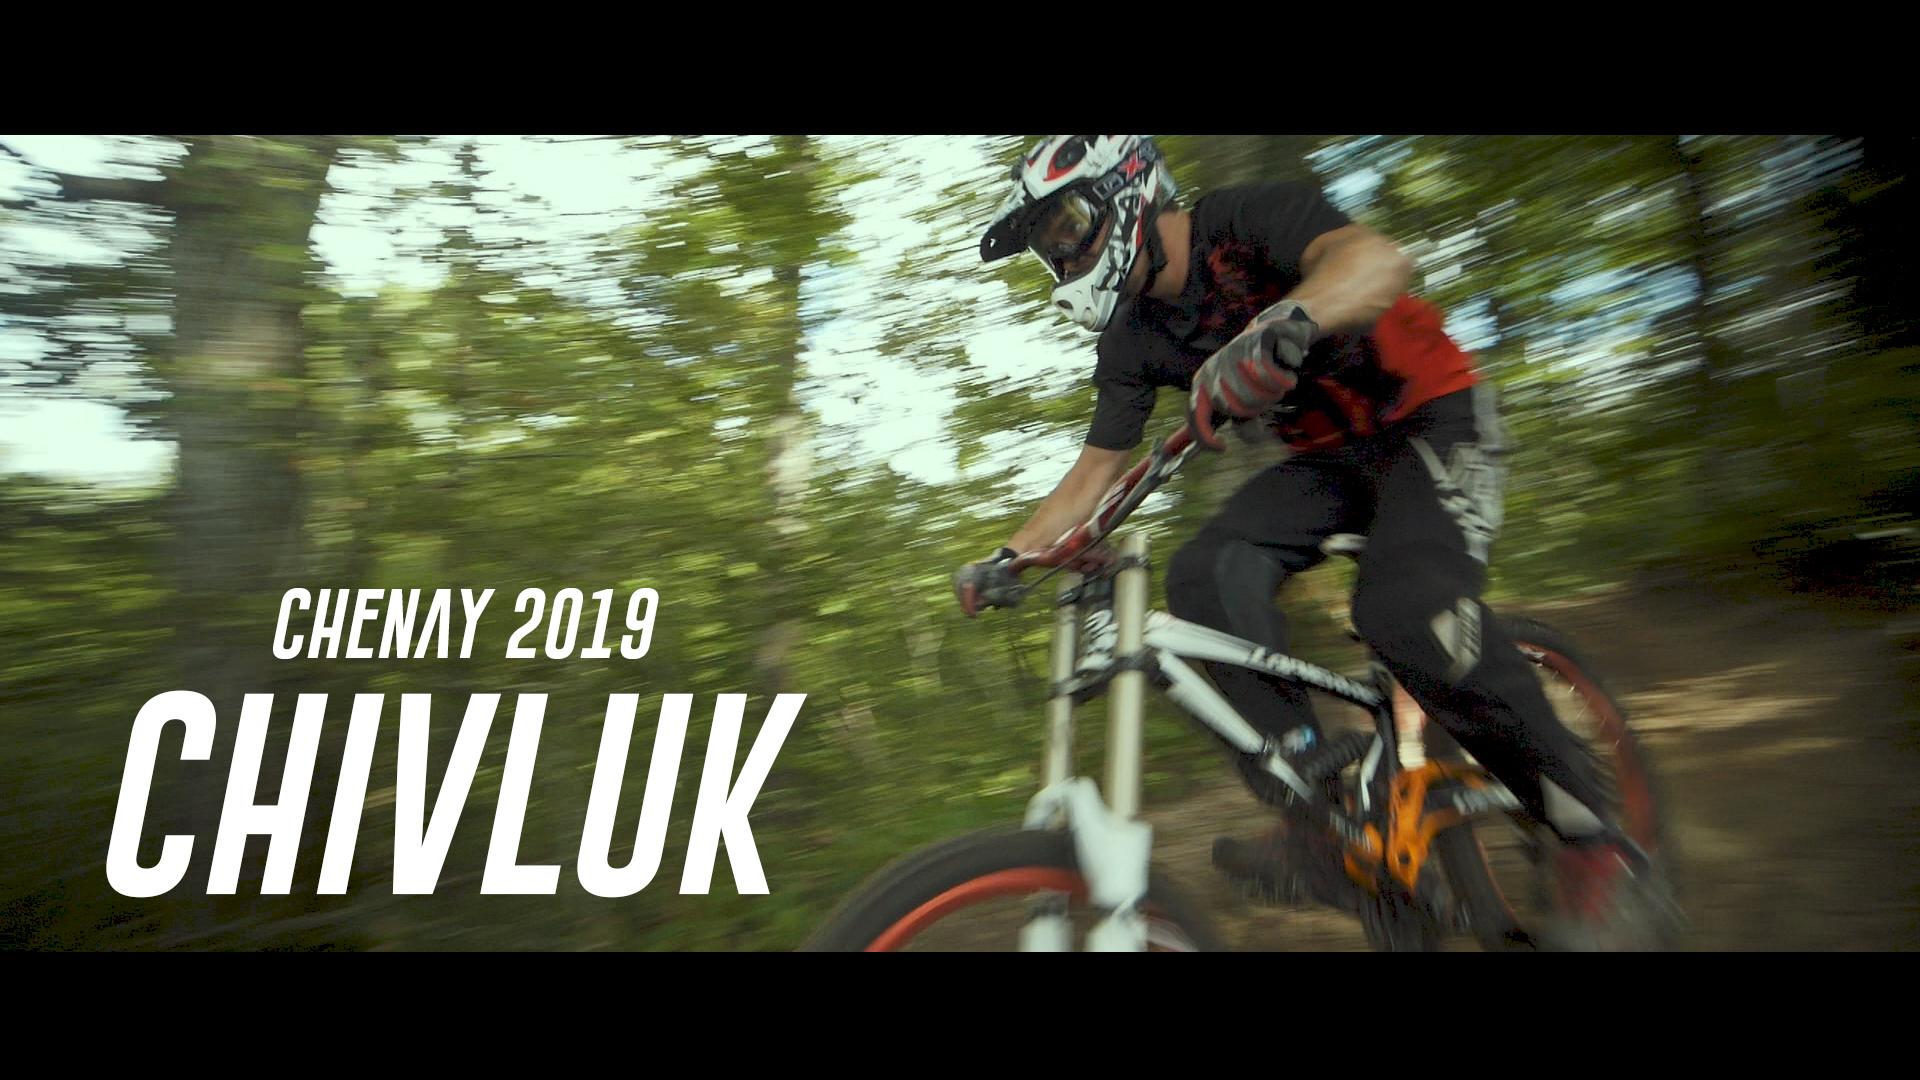 Chivluk – Descente VTT